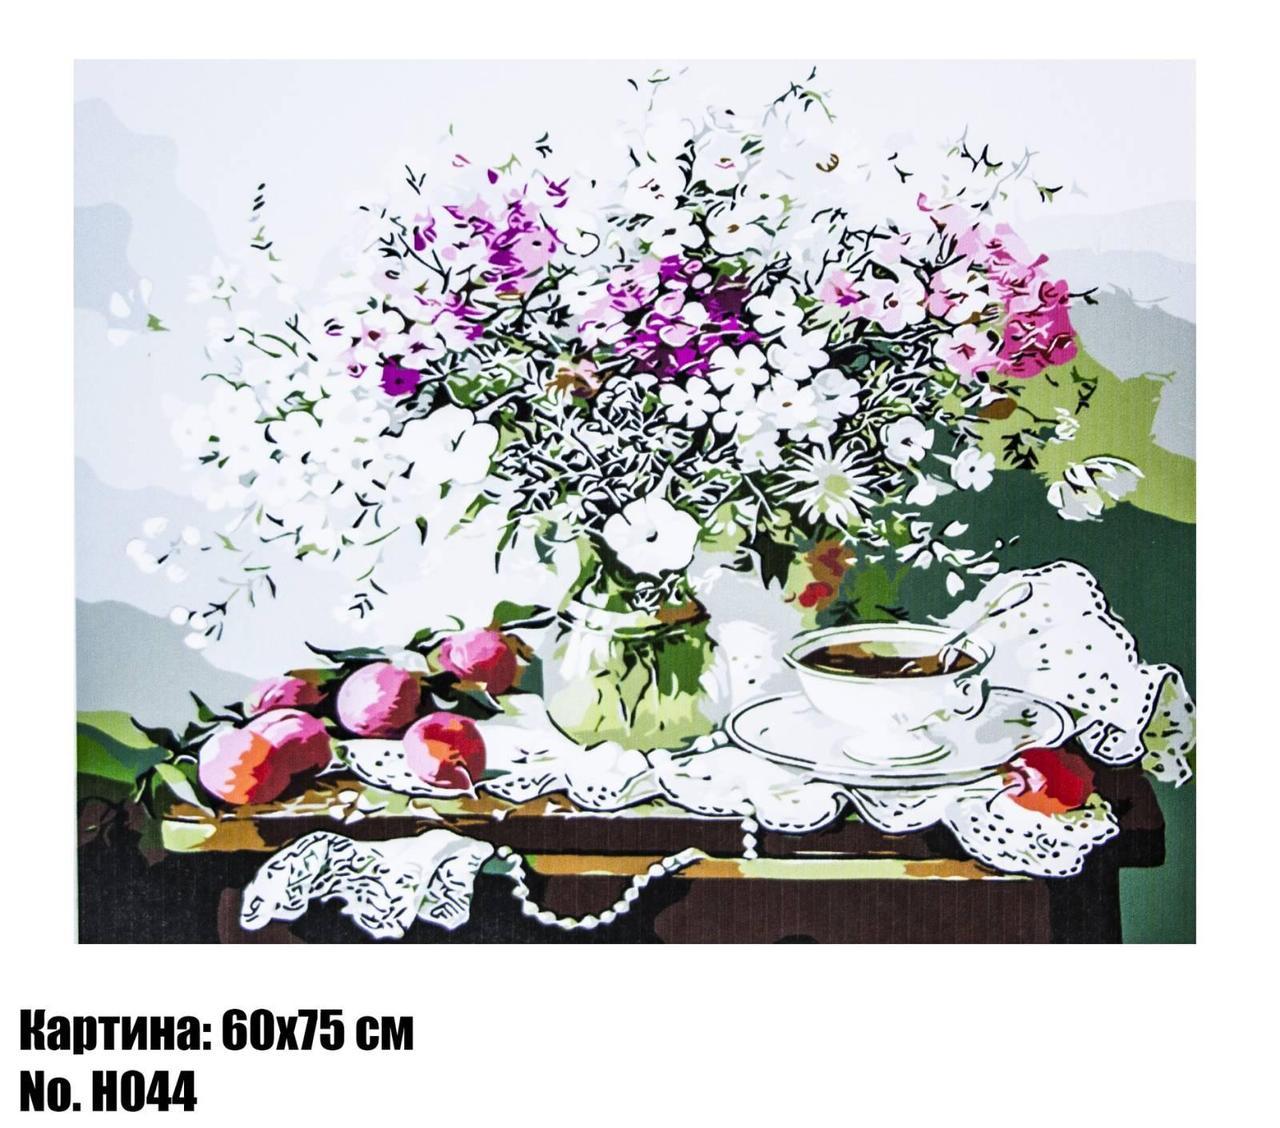 """Картина по номерам """"Полевые цветы"""" размер 60 х 75 см, код H044"""